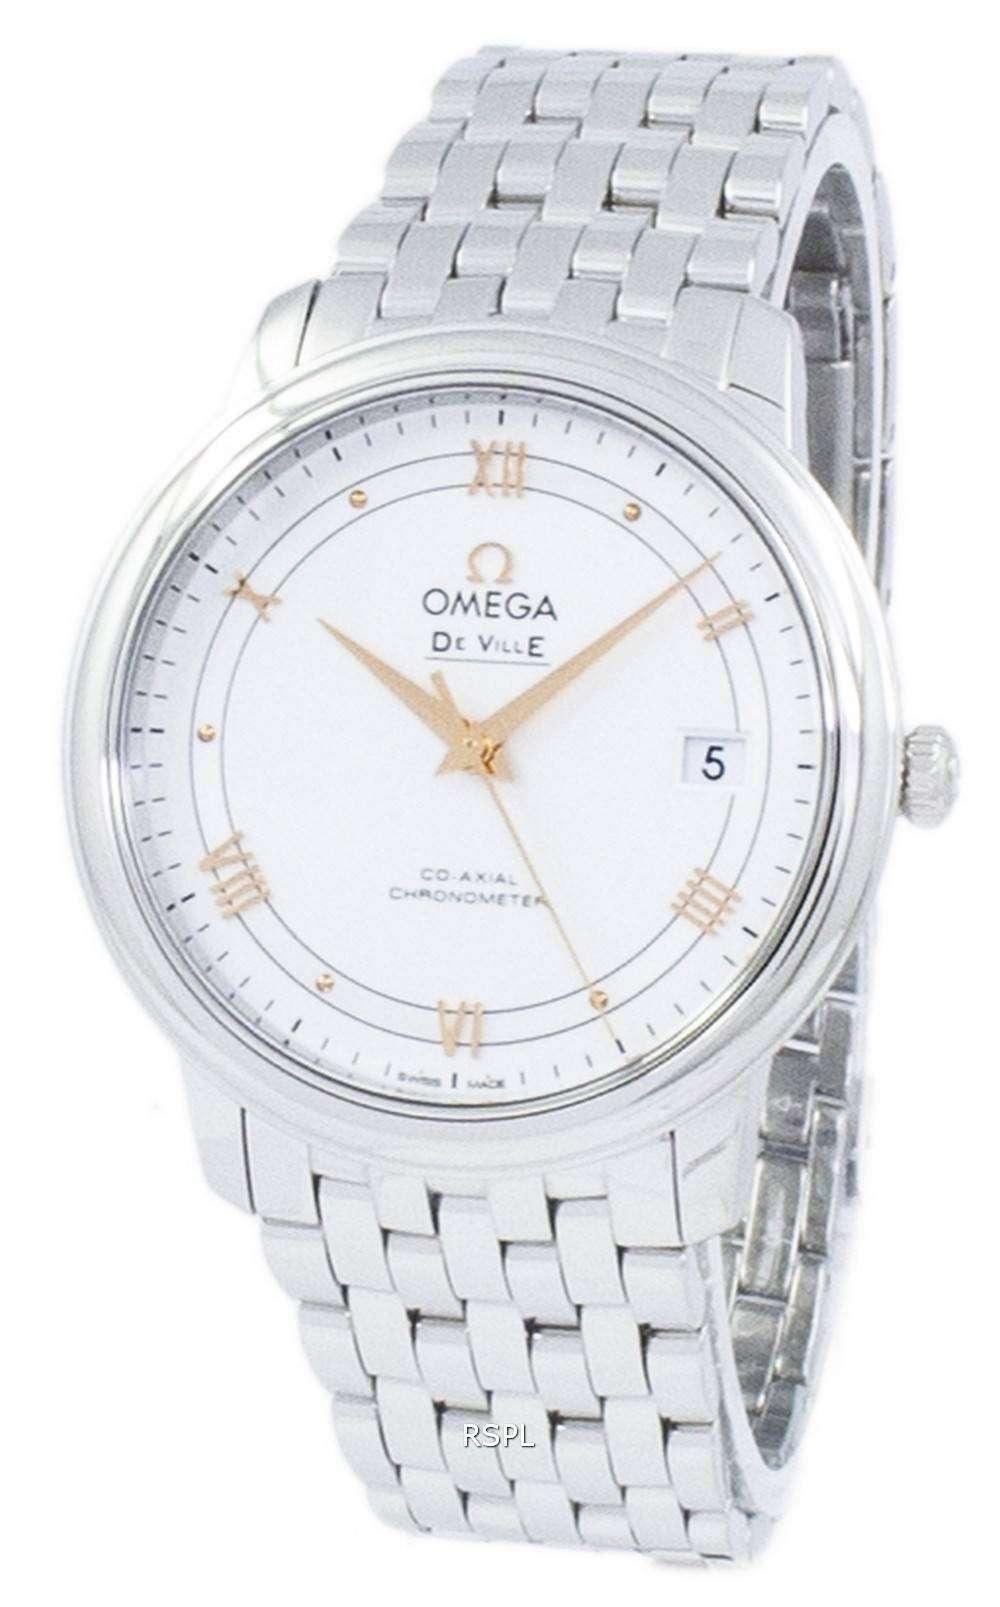 オメガ デ ・ ヴィル プレステージ コーアクシャル クロノメーター自動 424.10.37.20.02.002 メンズ腕時計